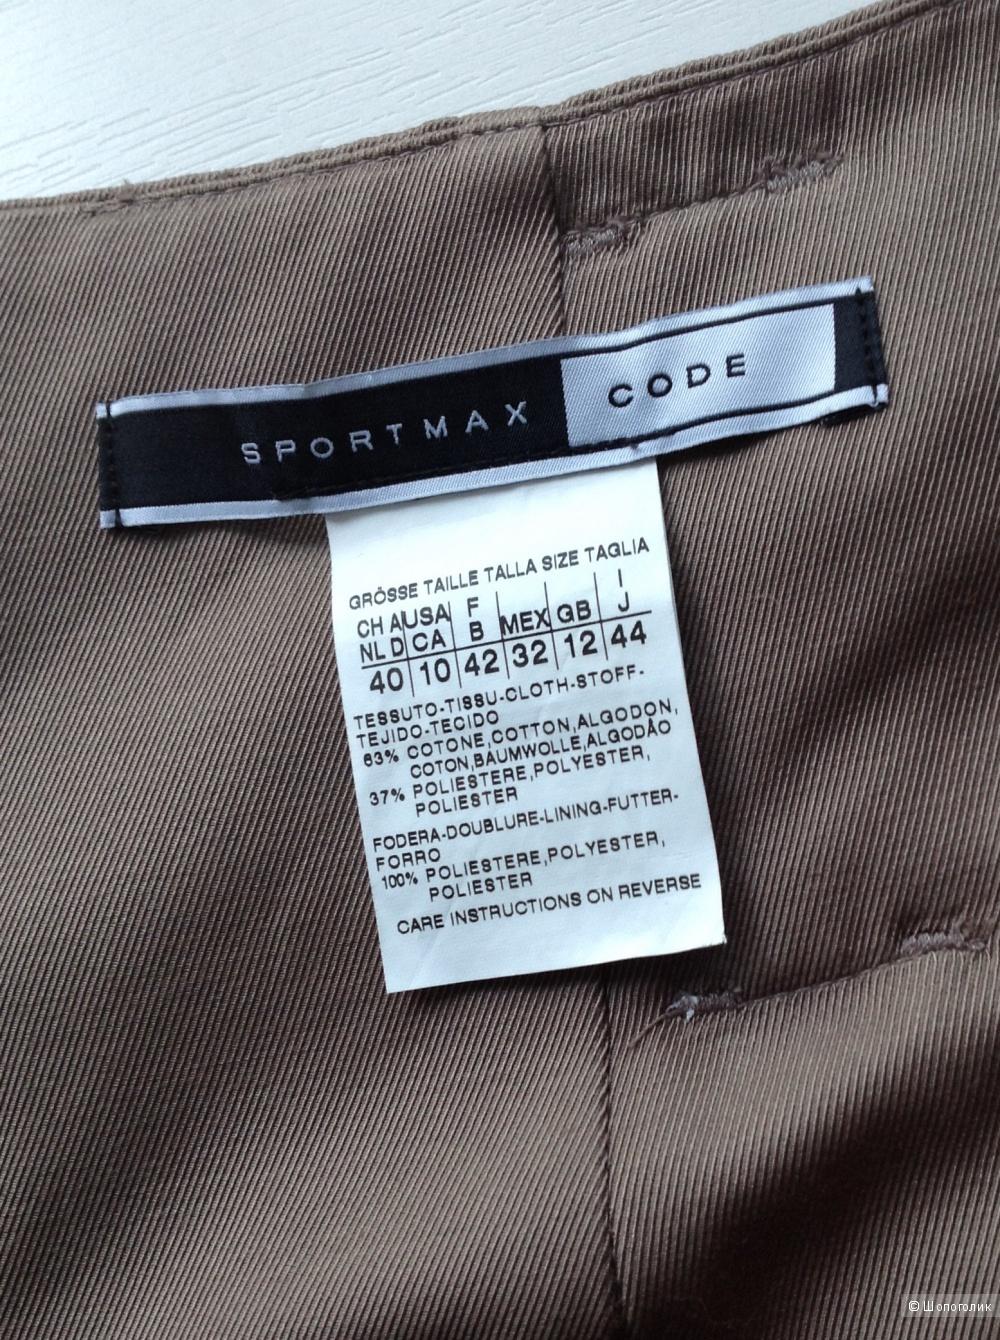 Юбка Sportmax Code, размер 44 IT.